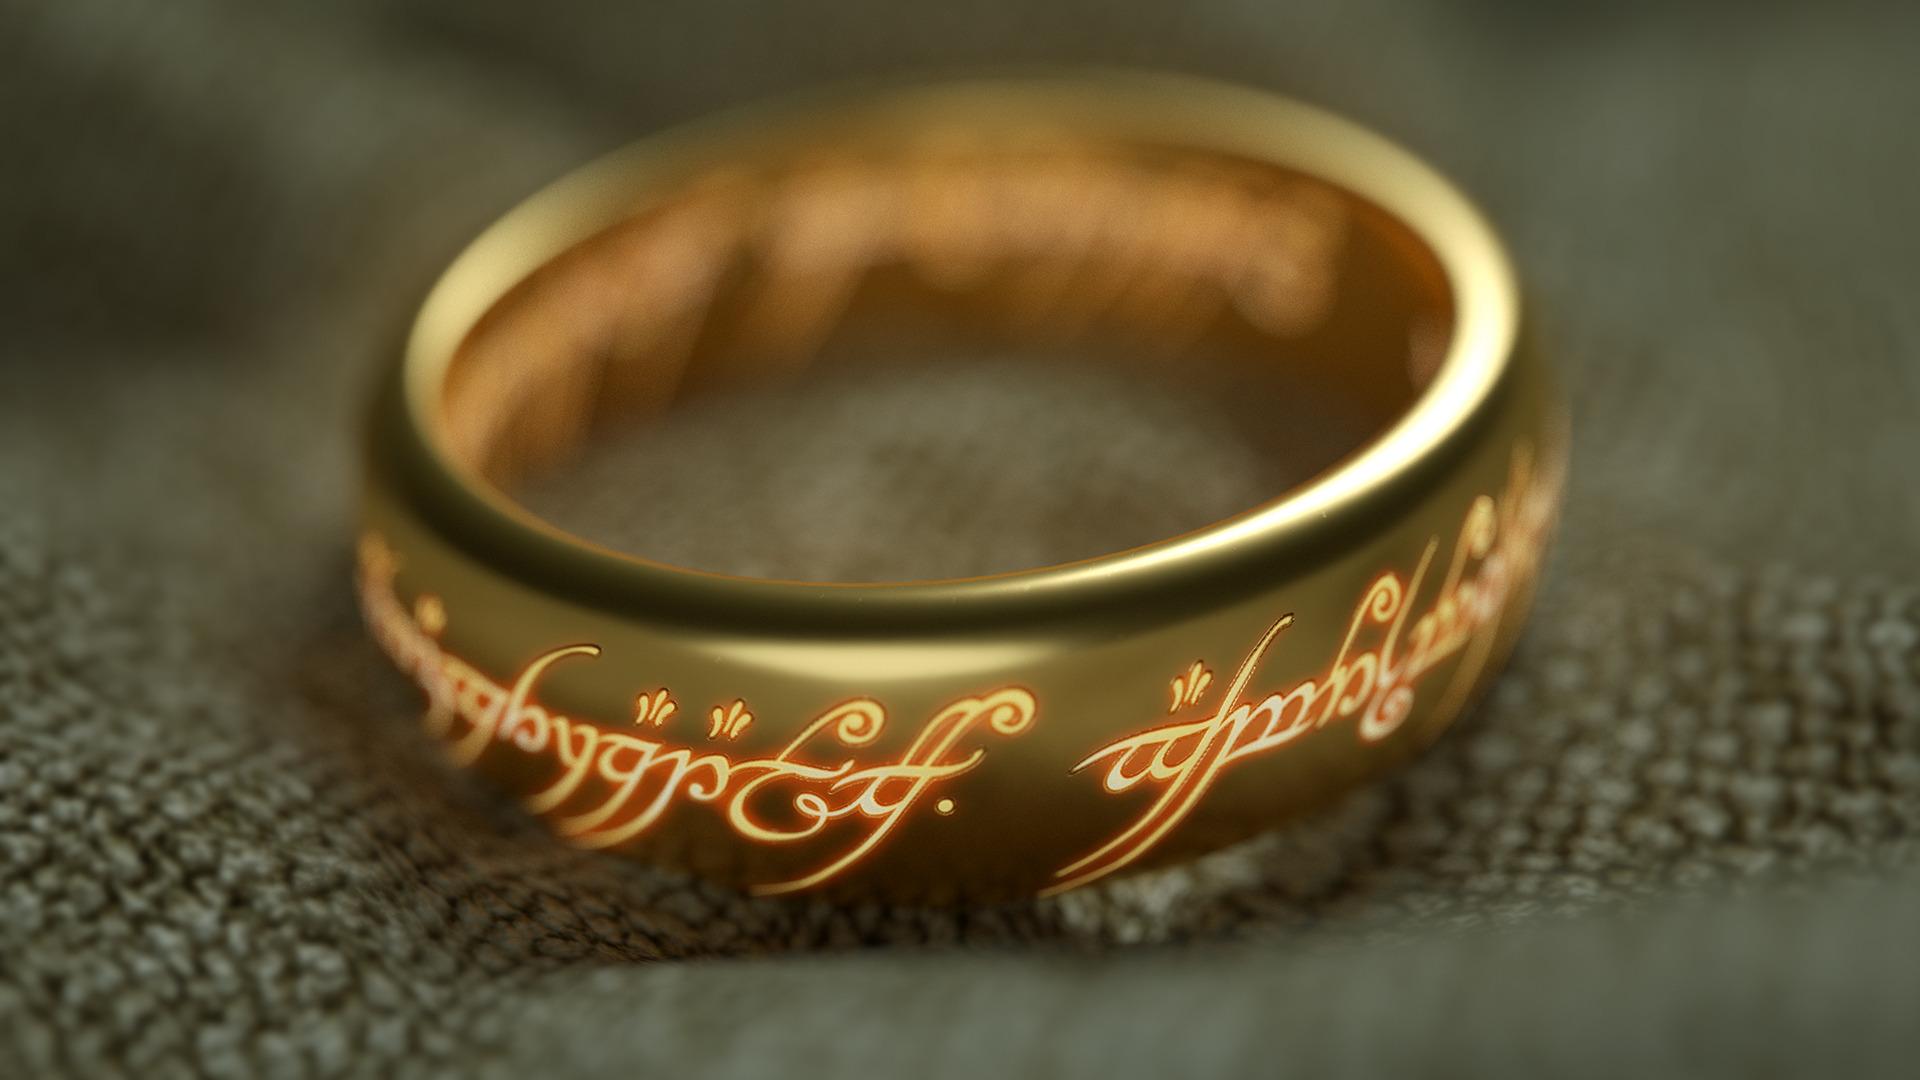 Сделать открытку, властелин колец надпись на кольце в картинке